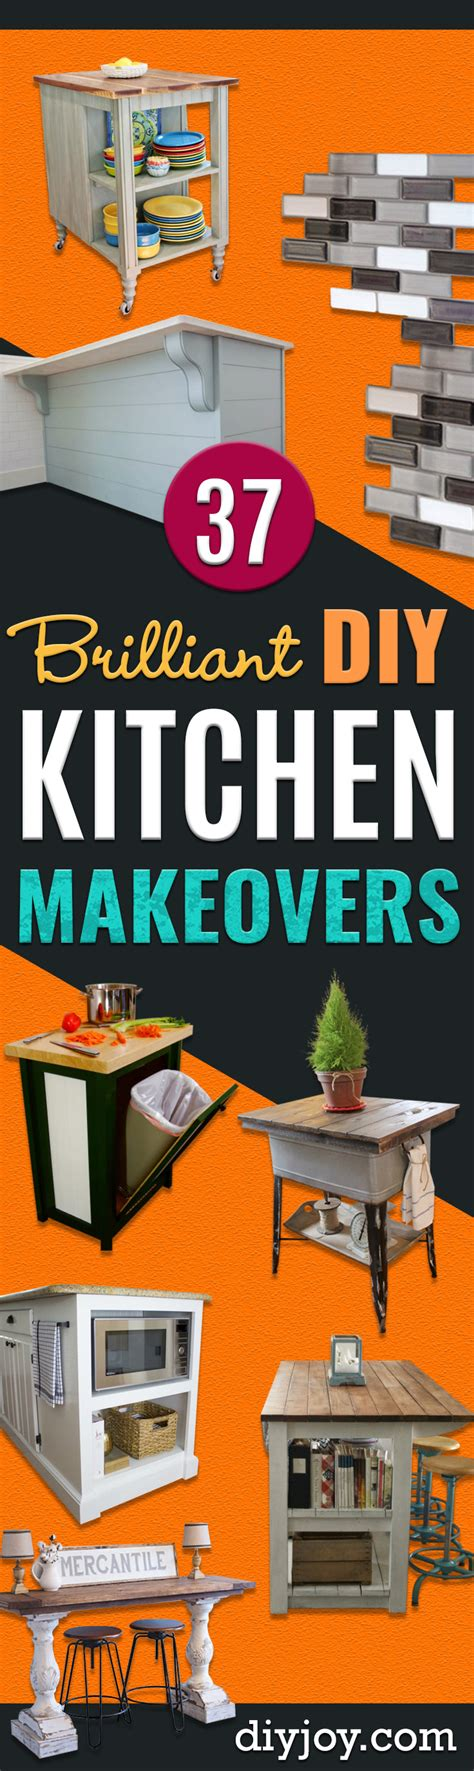 37 brilliant diy kitchen makeover ideas 37 brilliant diy kitchen makeover ideas